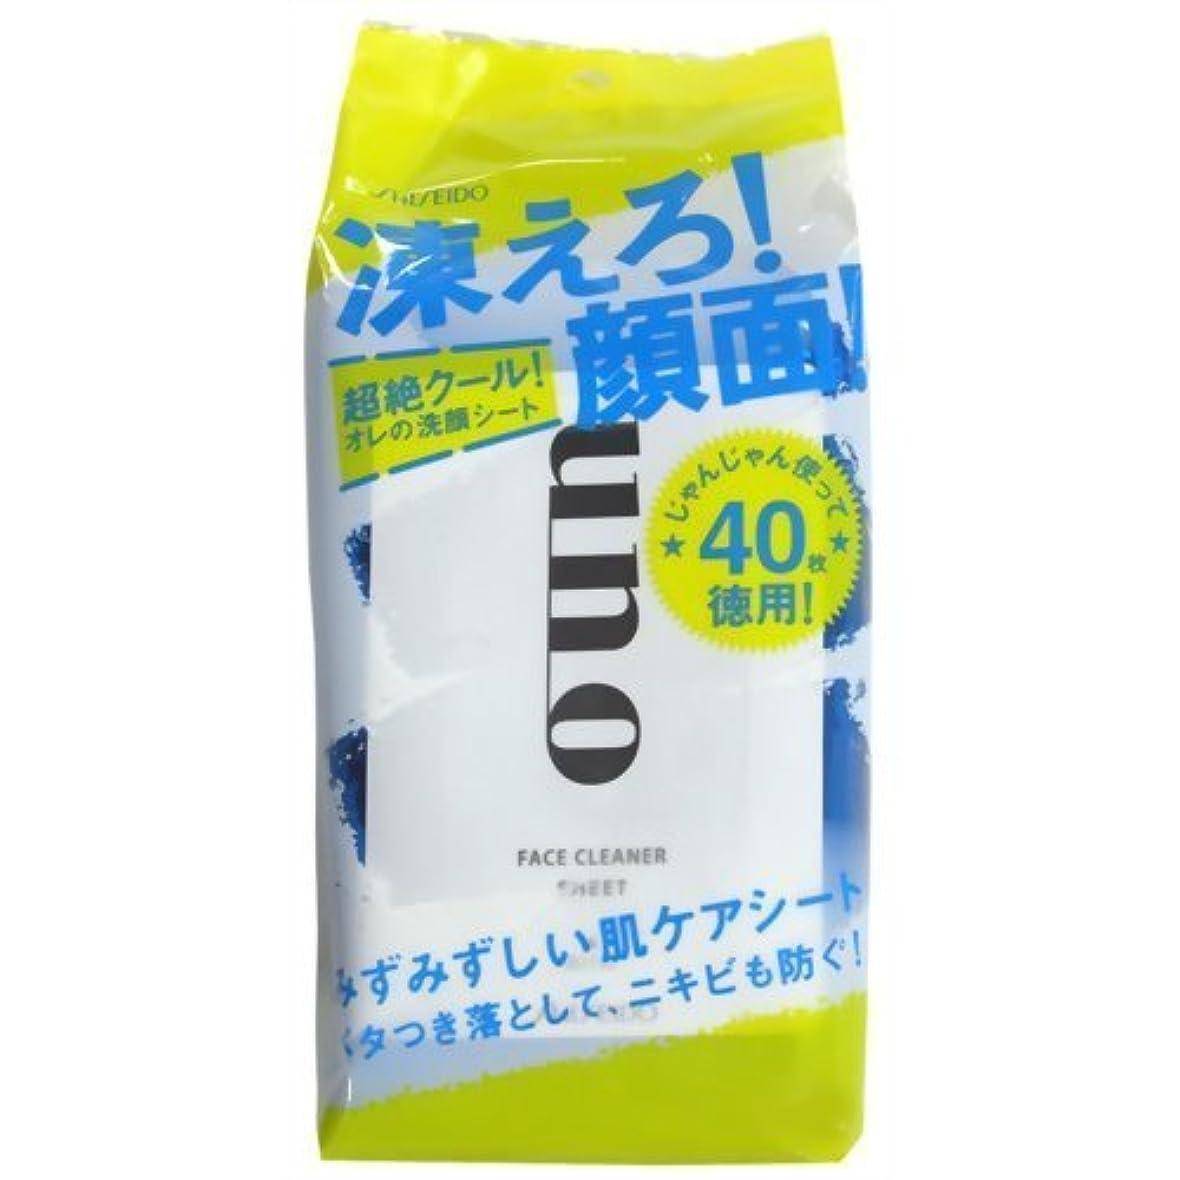 木曜日触覚予定資生堂 ウーノ ふくだけ洗顔シートEX (L) 40枚